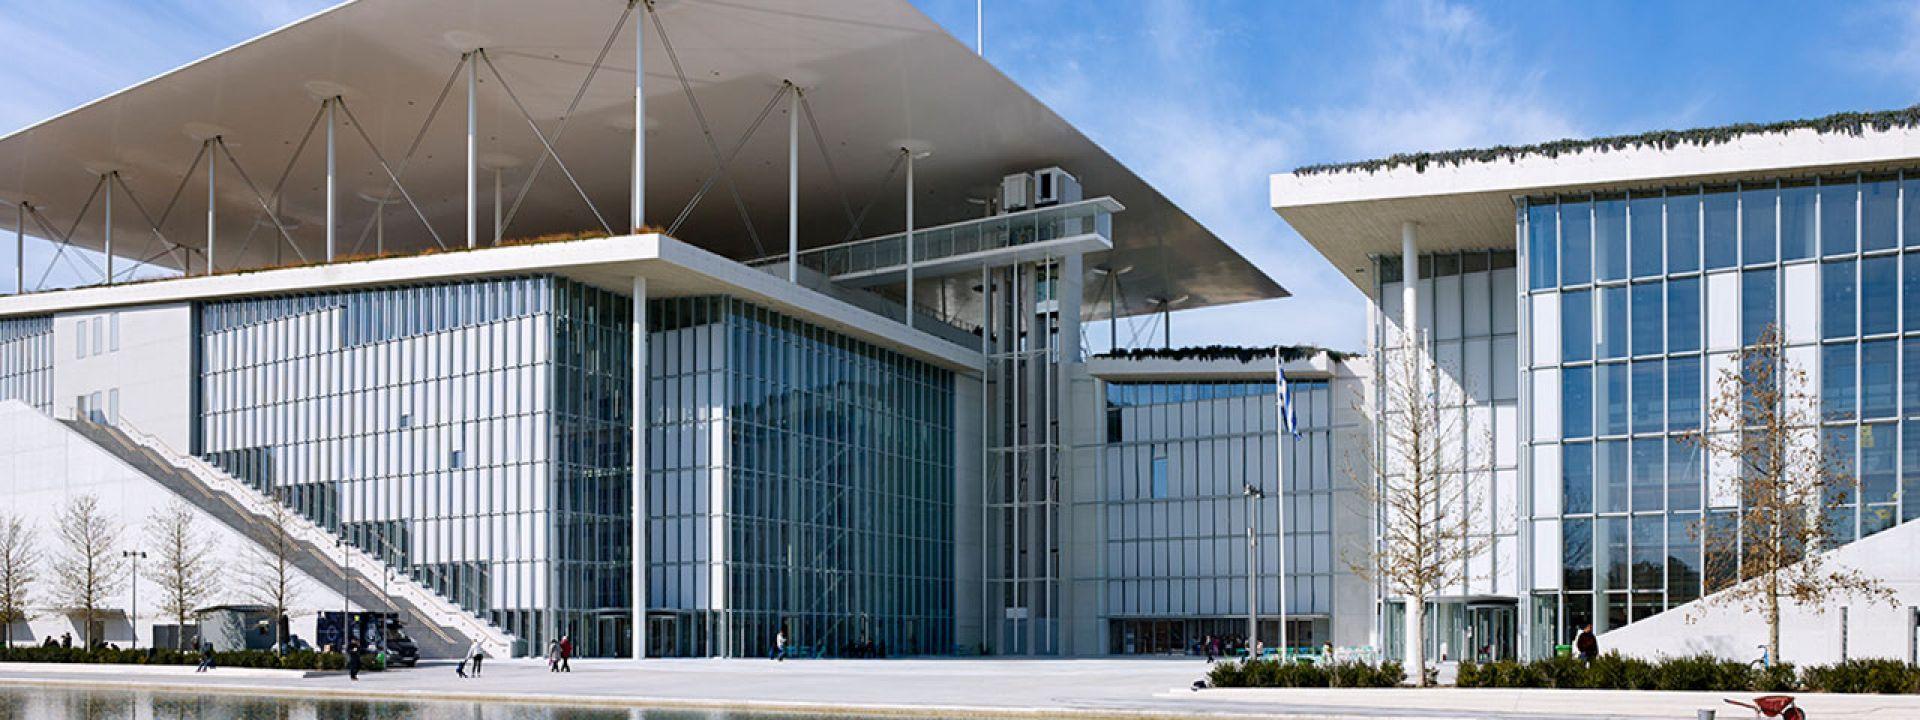 Αρχιτεκτονικά Έργα - Το Μέλλον μιας Πόλης (Φωτογραφία του ΚΠΙΣΝ)